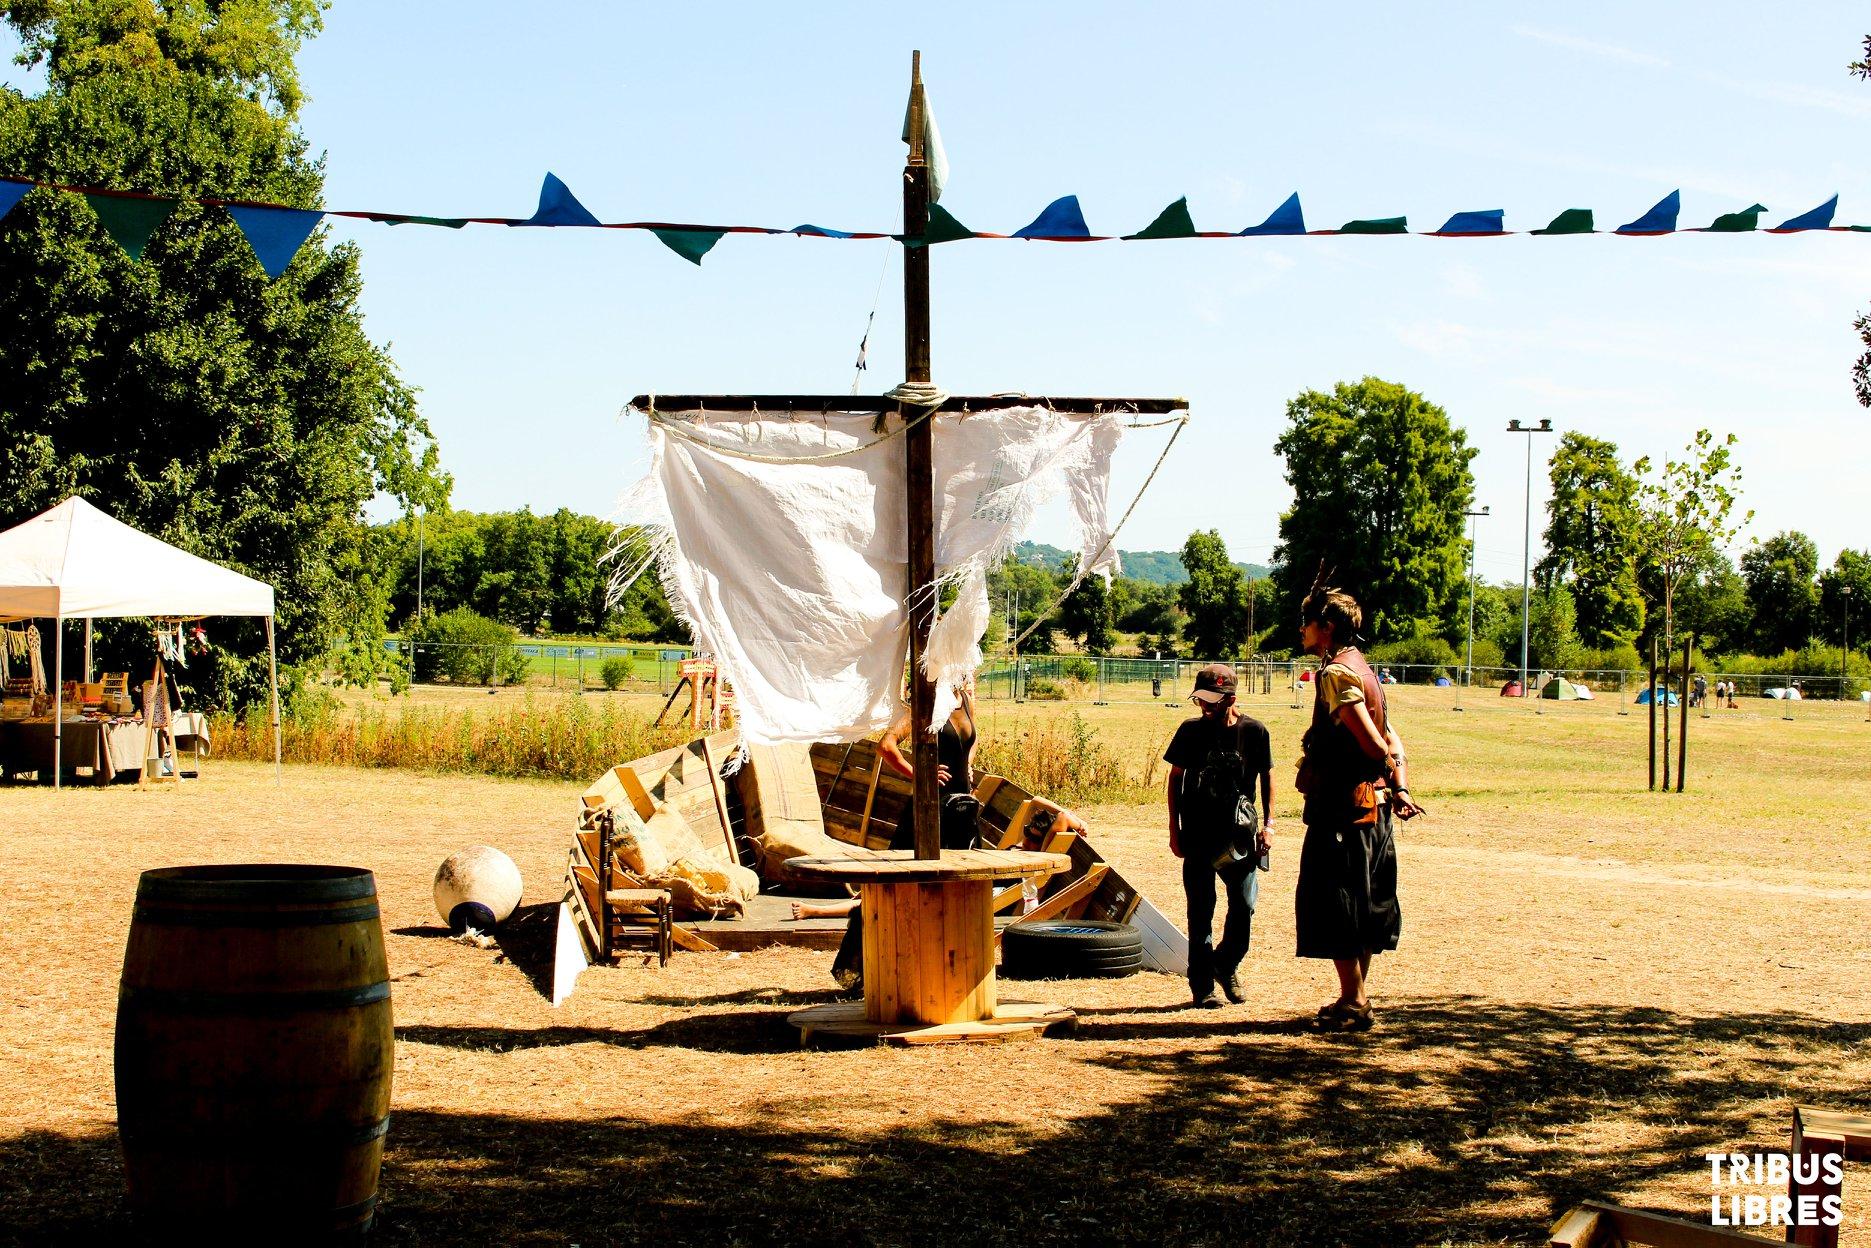 bateau en bois tribus libres